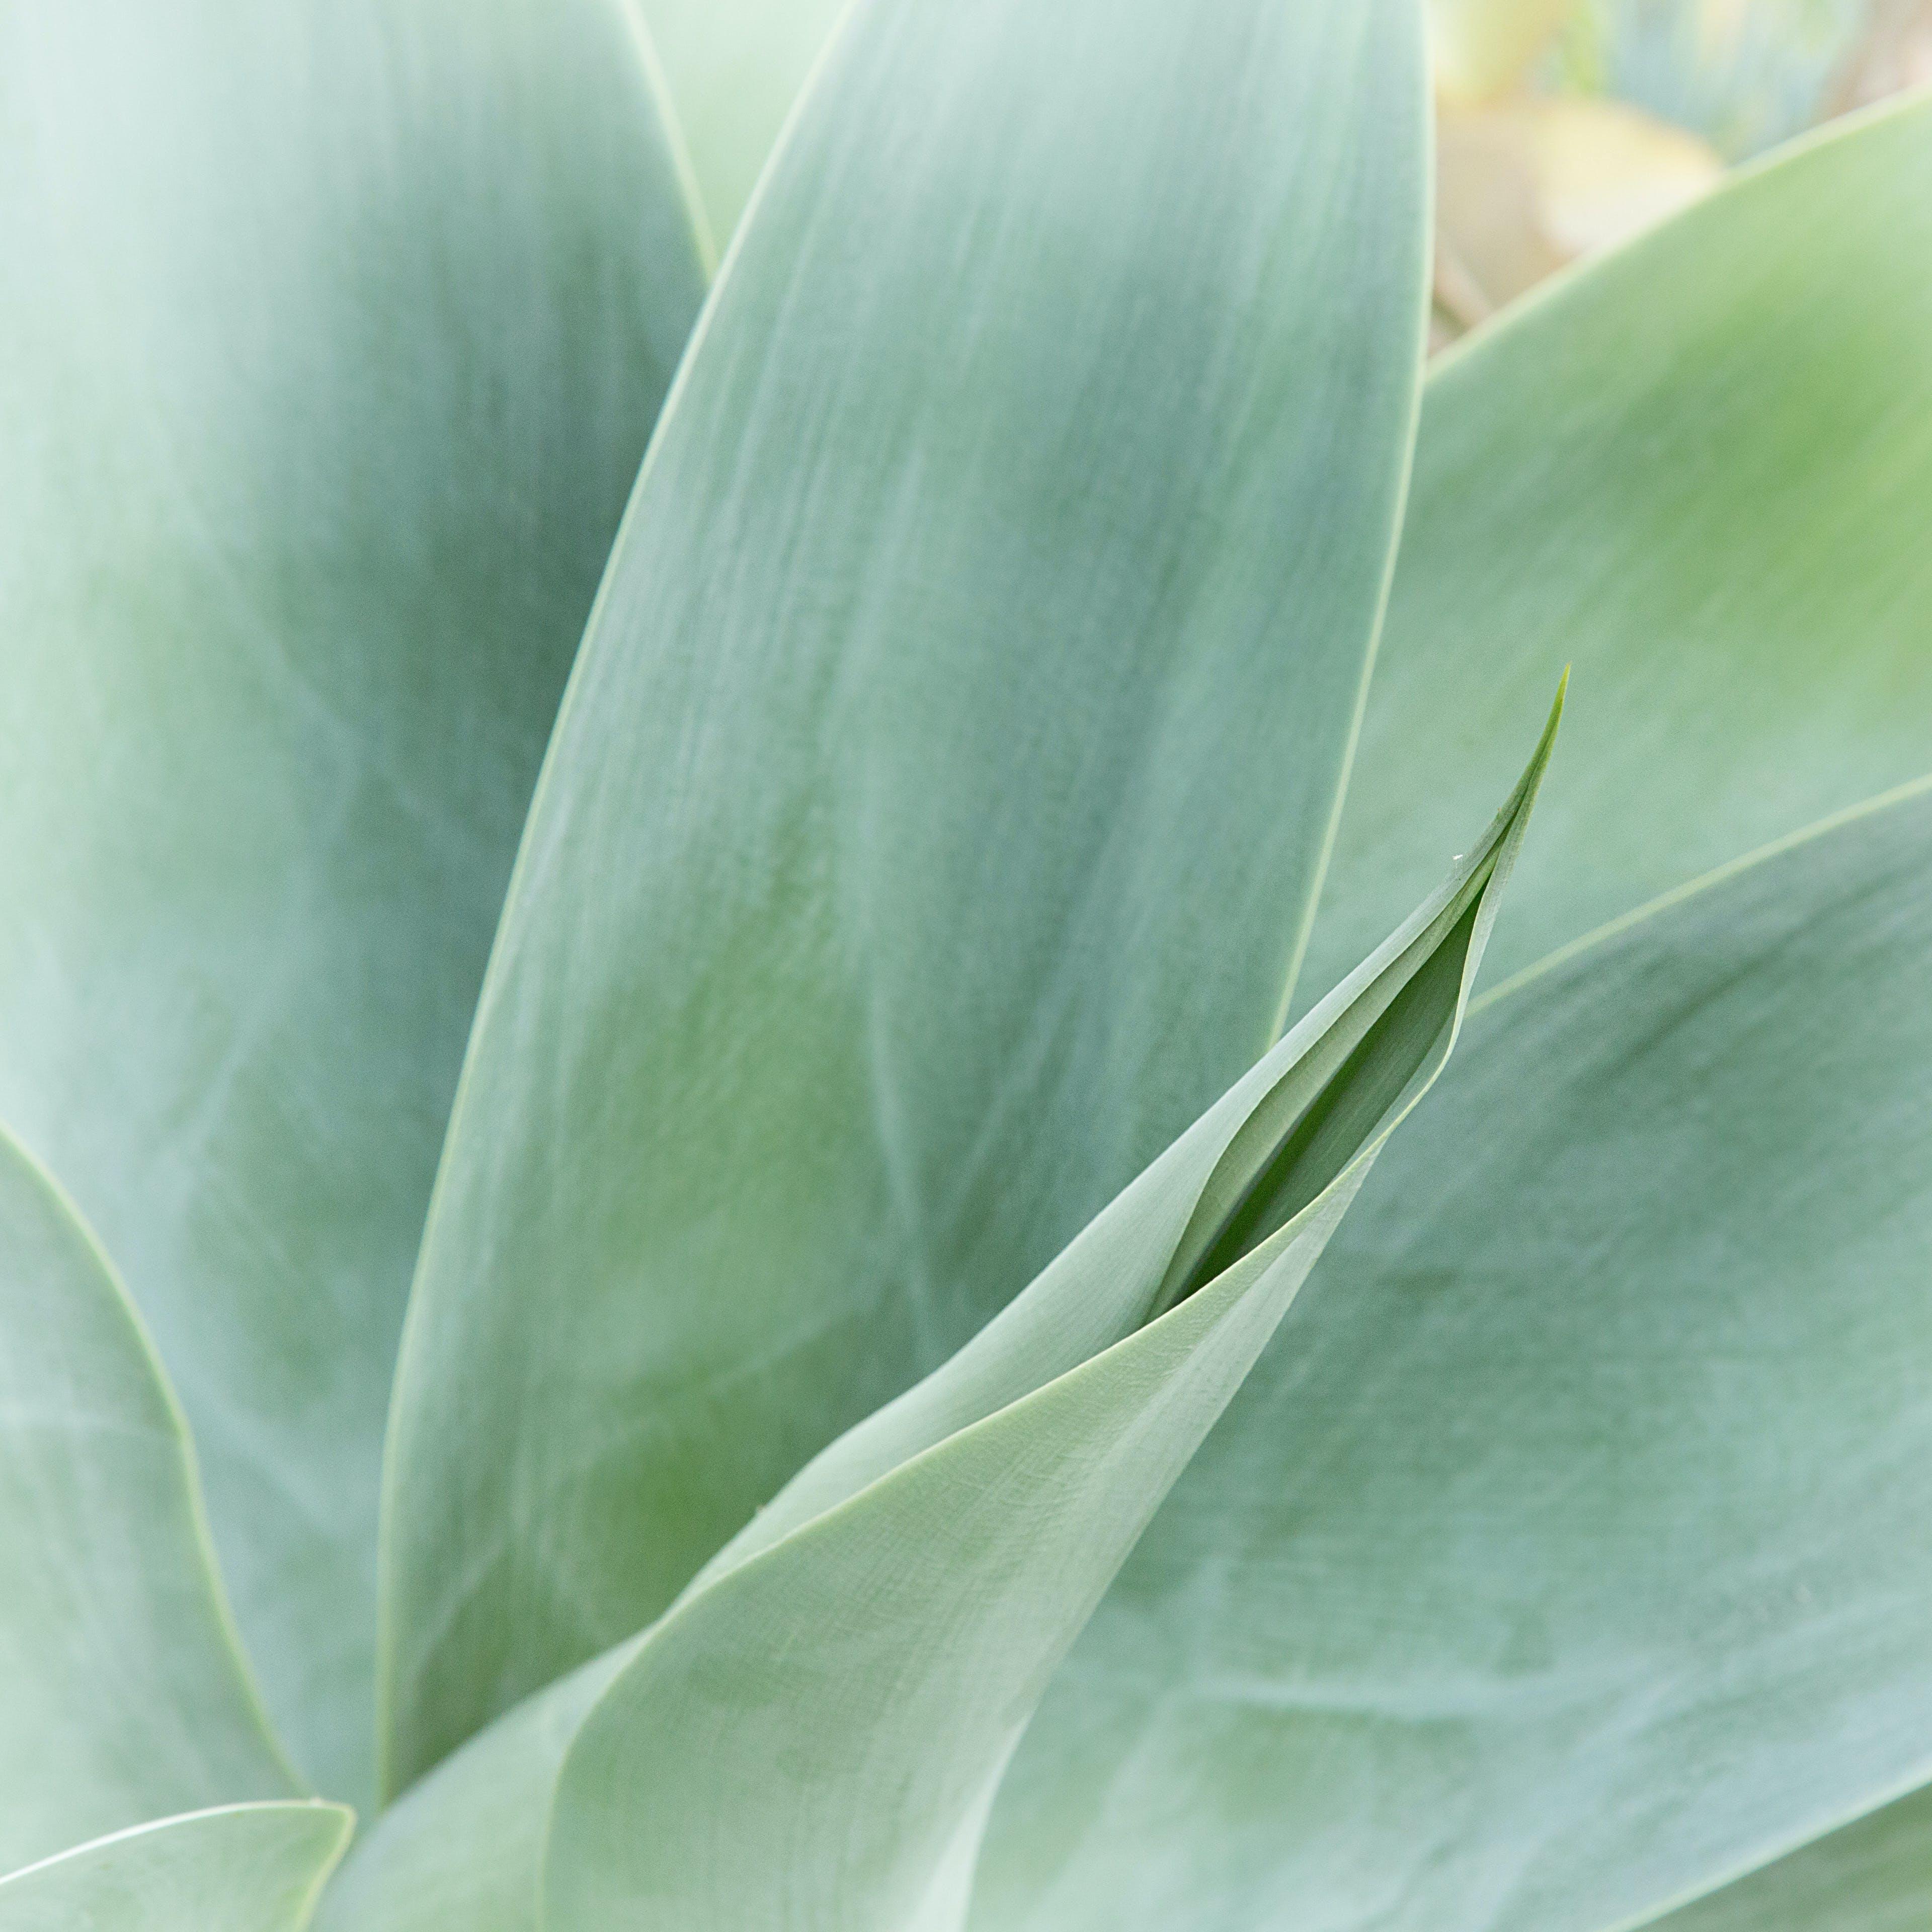 botanický, denní, jasný